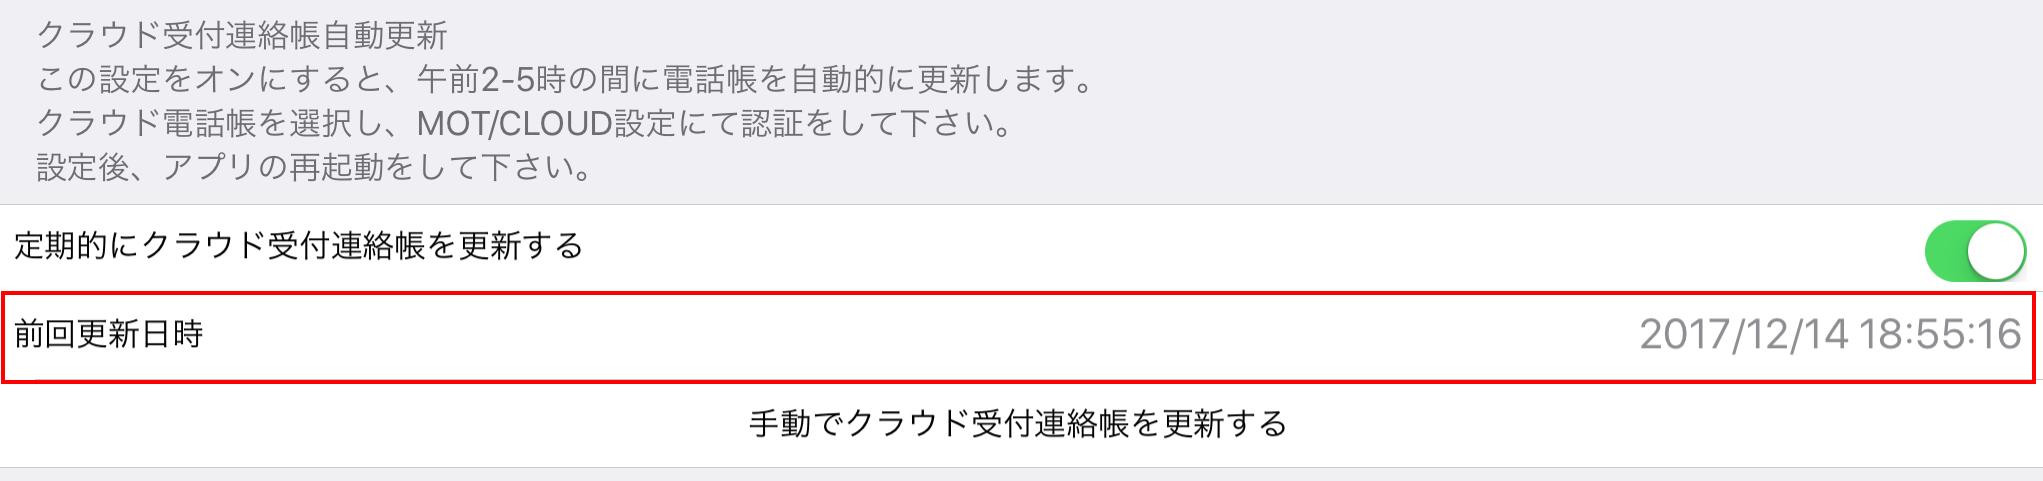 MOT/Cha for Windows版バージョンアップ 多言語機能